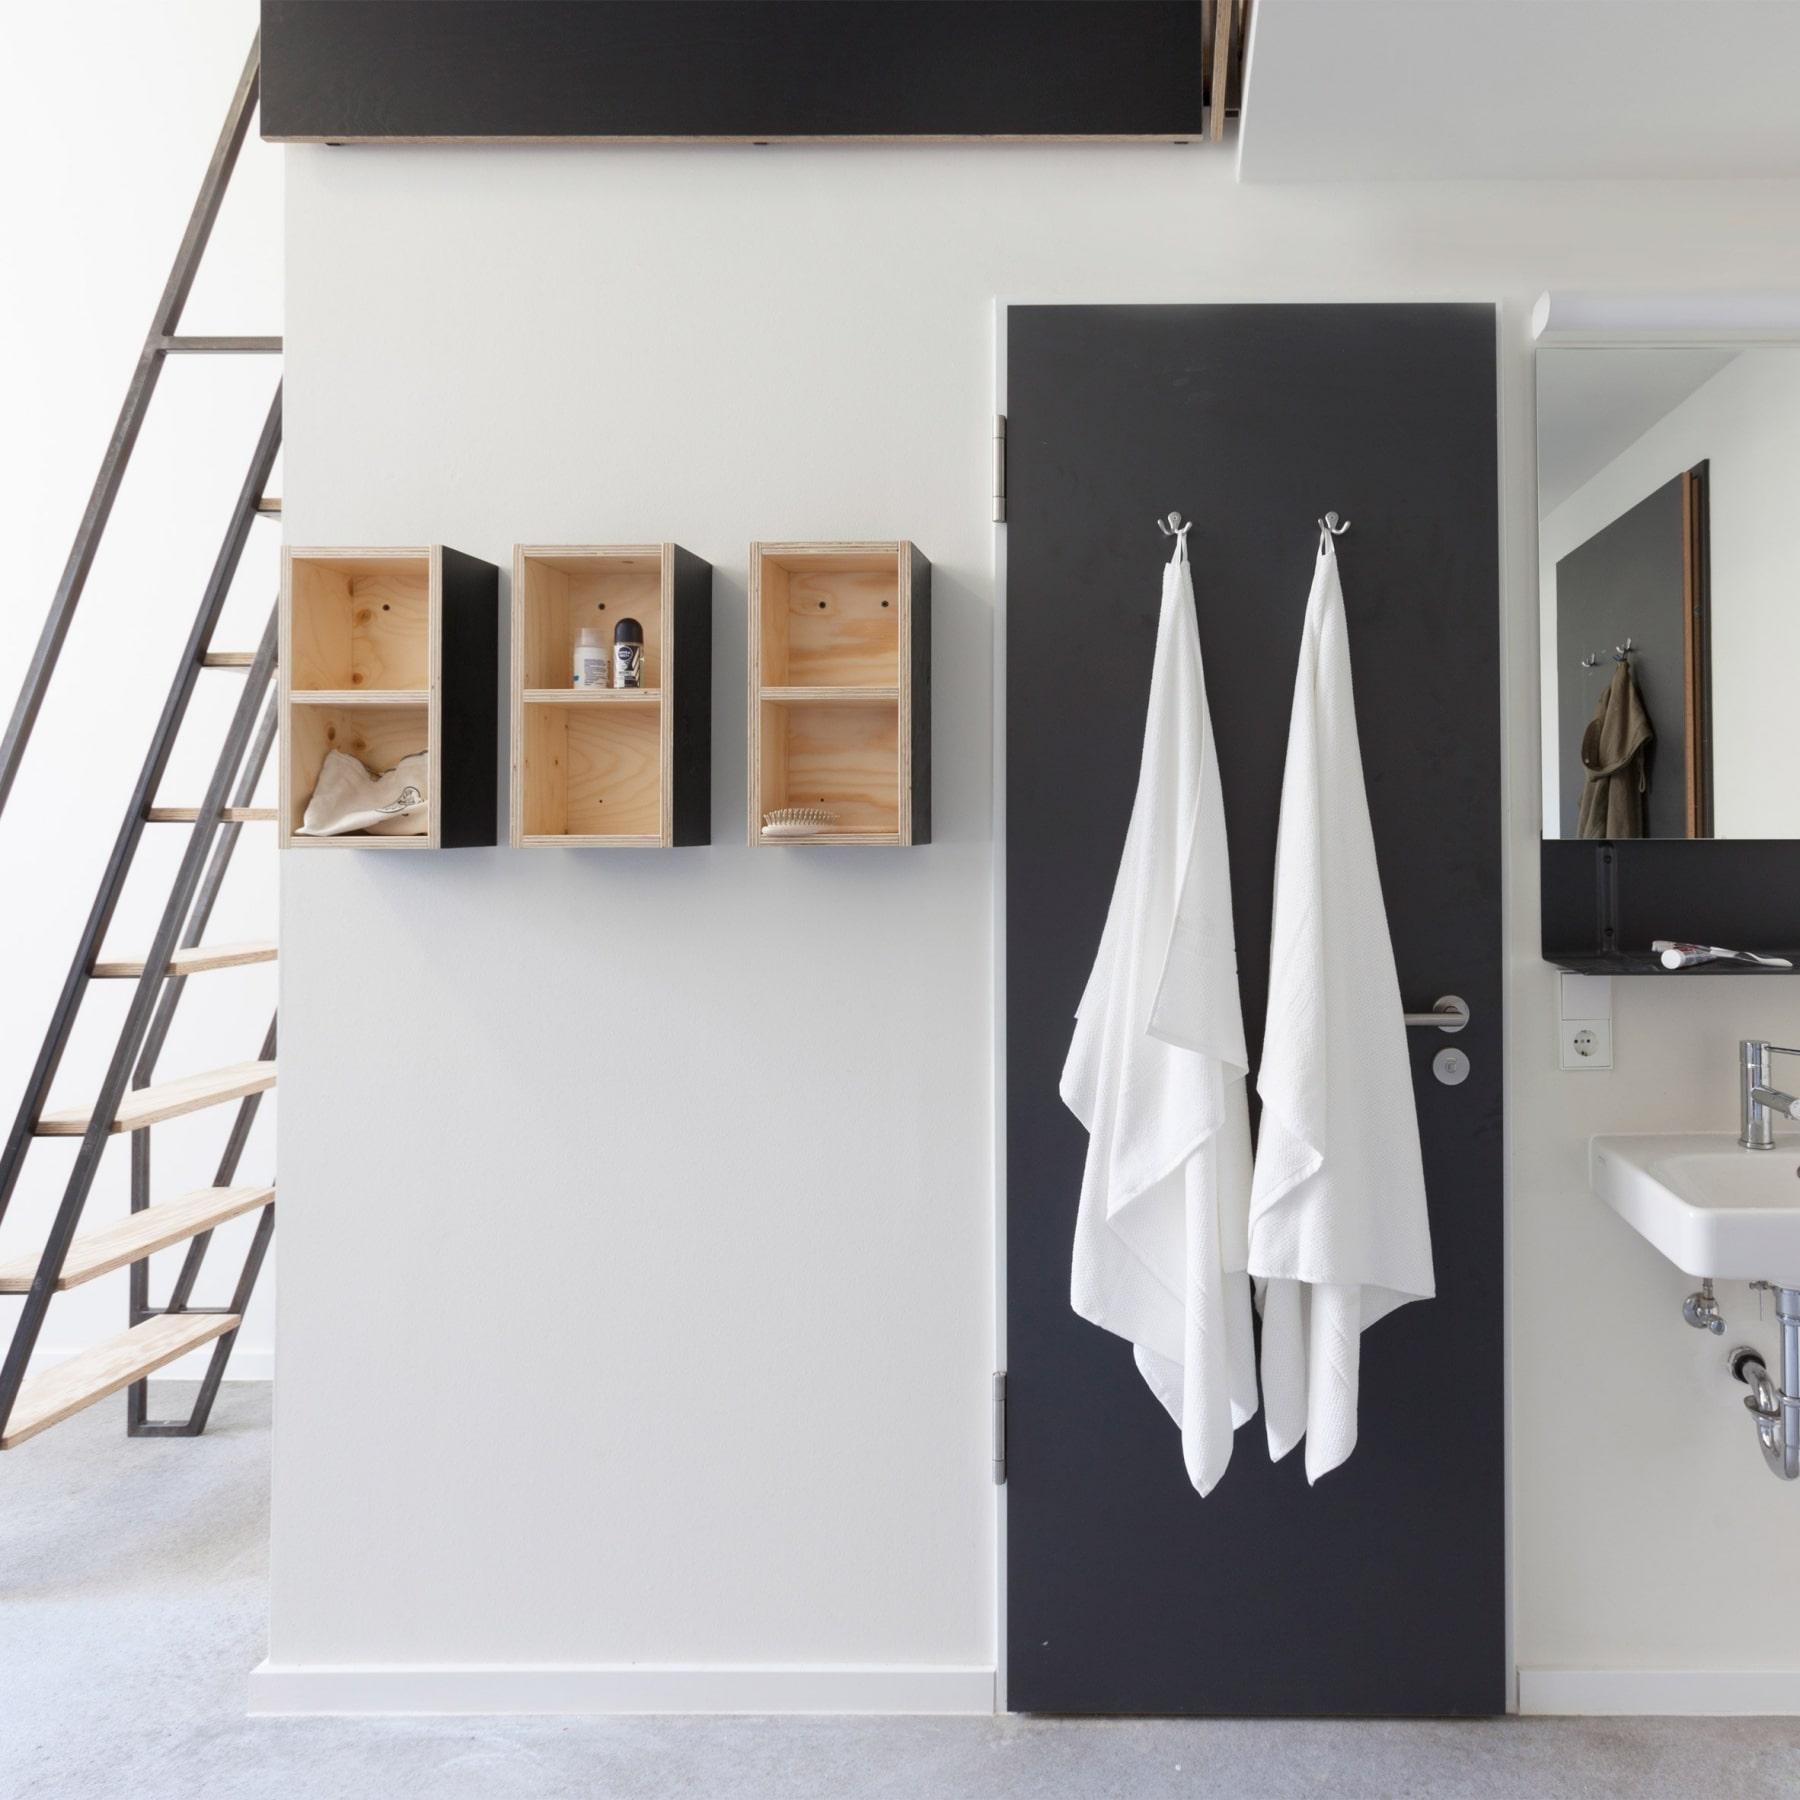 dezeen dormitory towel in door